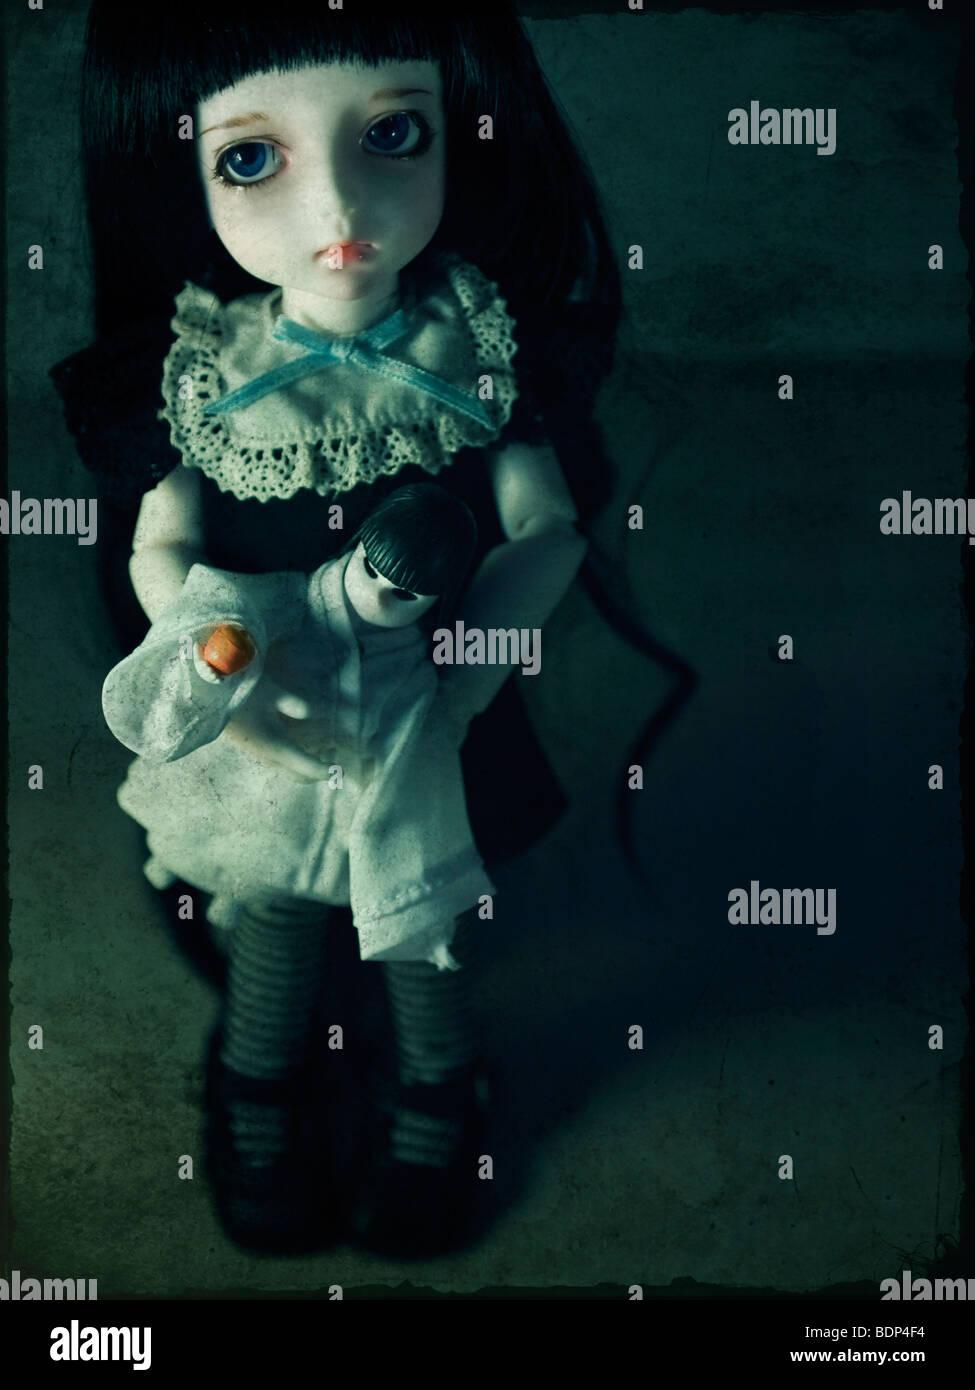 Eine traurig aussehende Puppe Stockbild